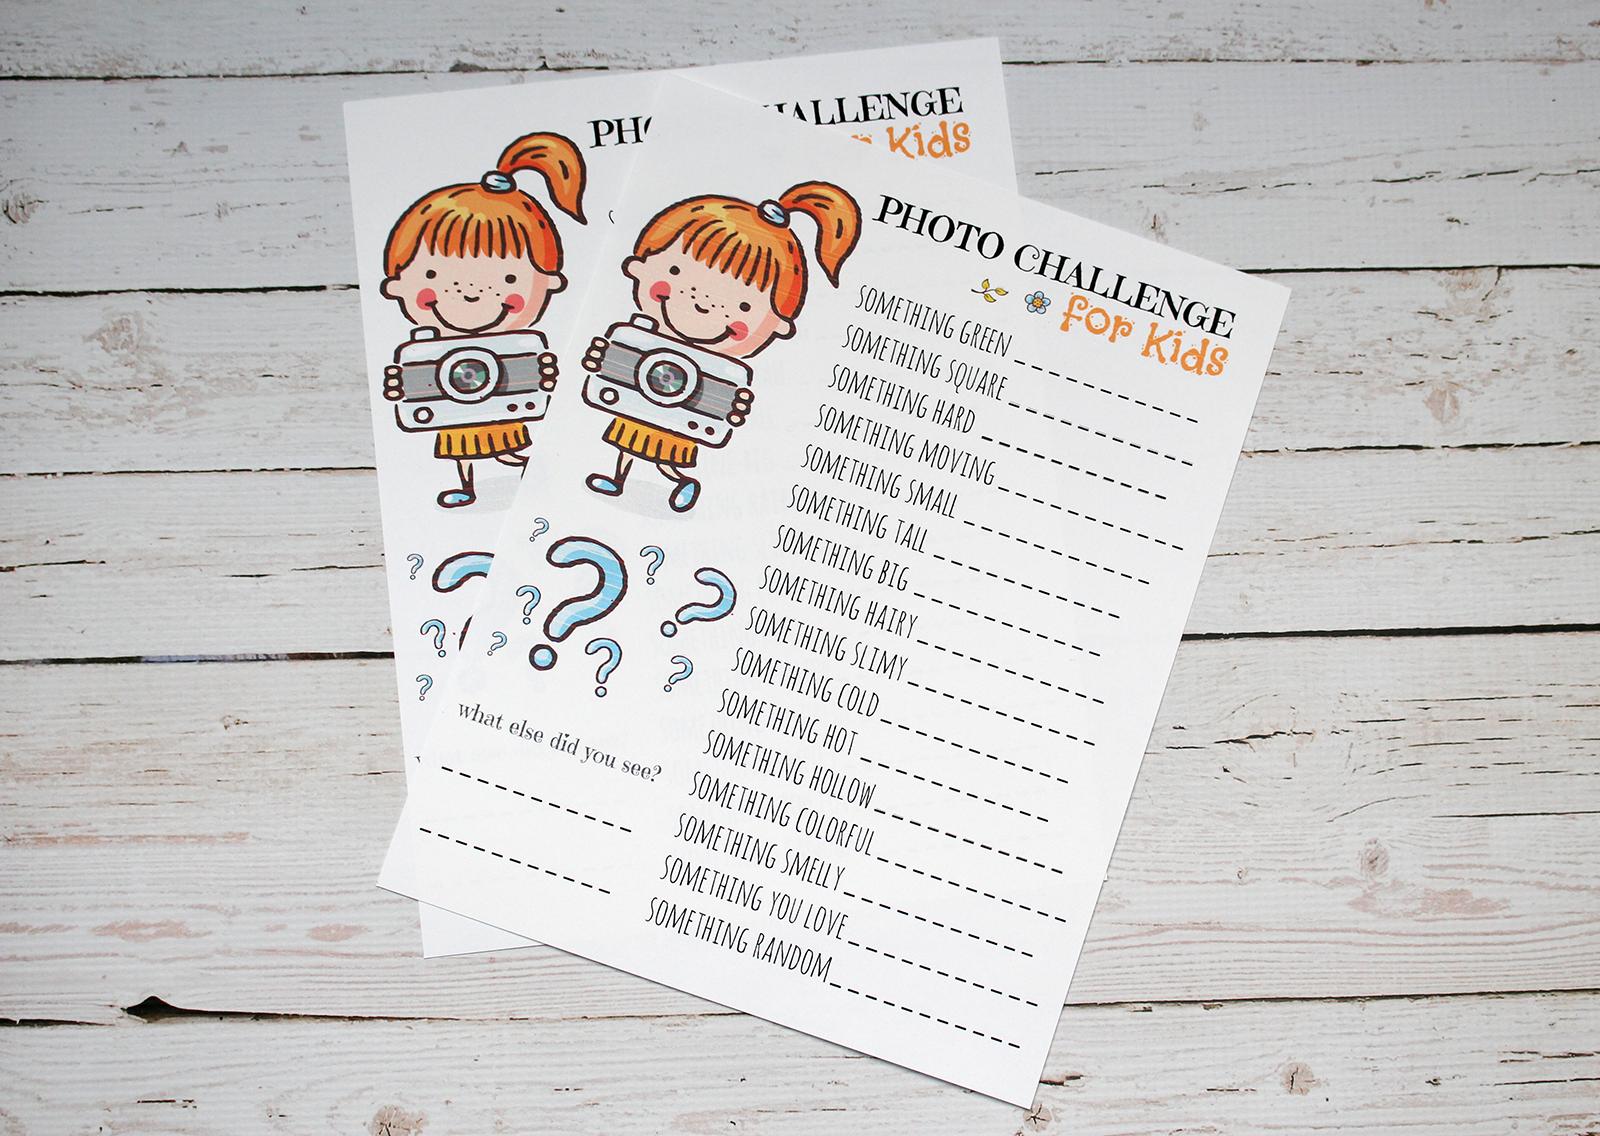 Free Photo Challenge Printable for Kids